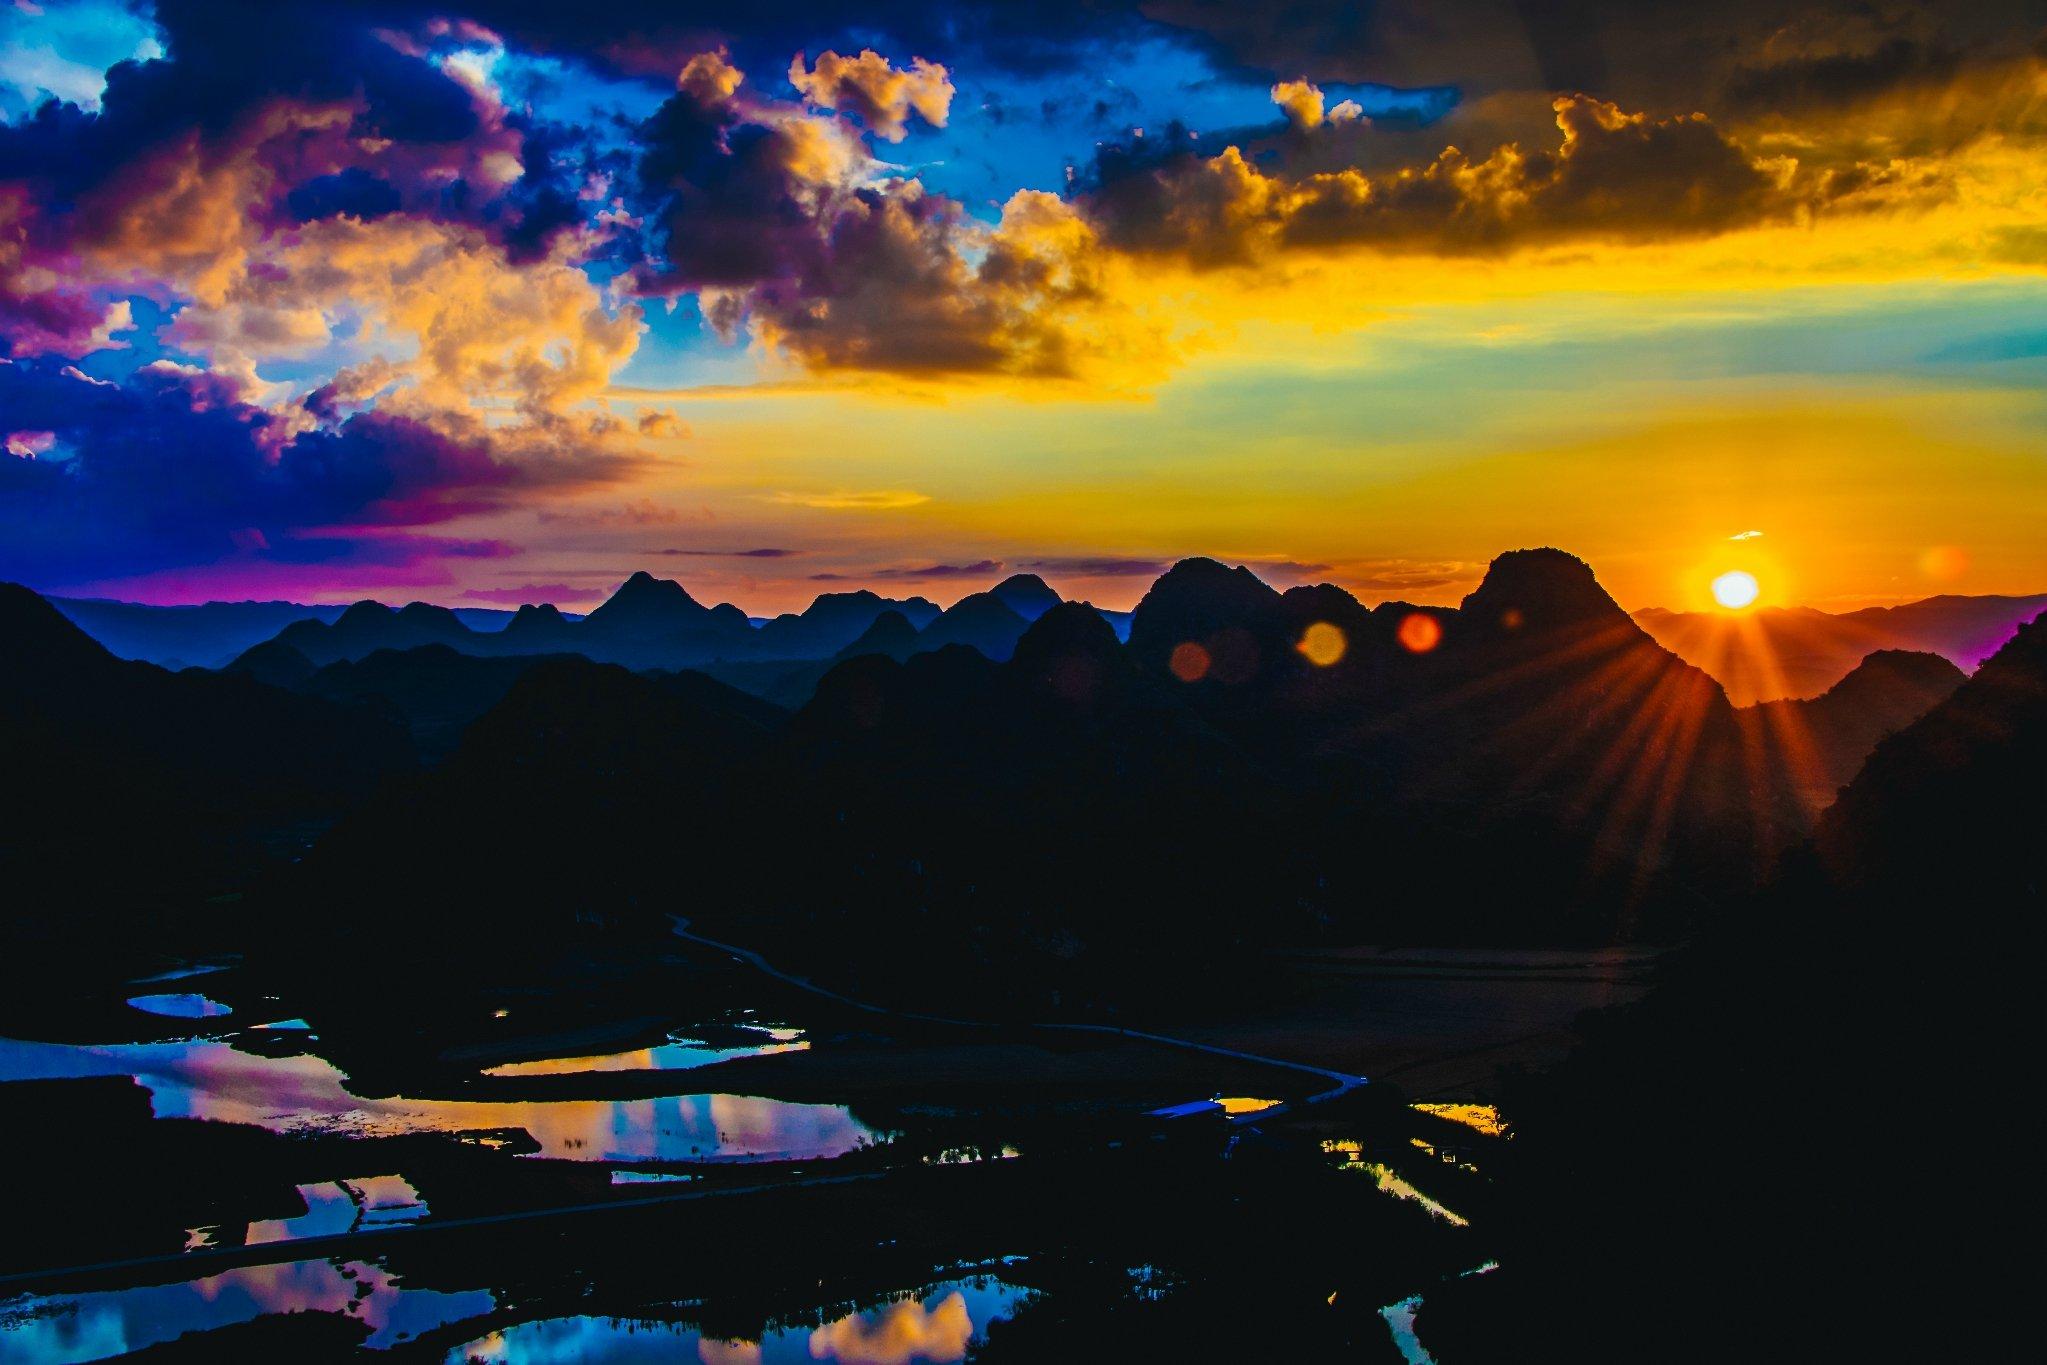 云和山的歌谣:一场桃源秘境中的多彩之梦